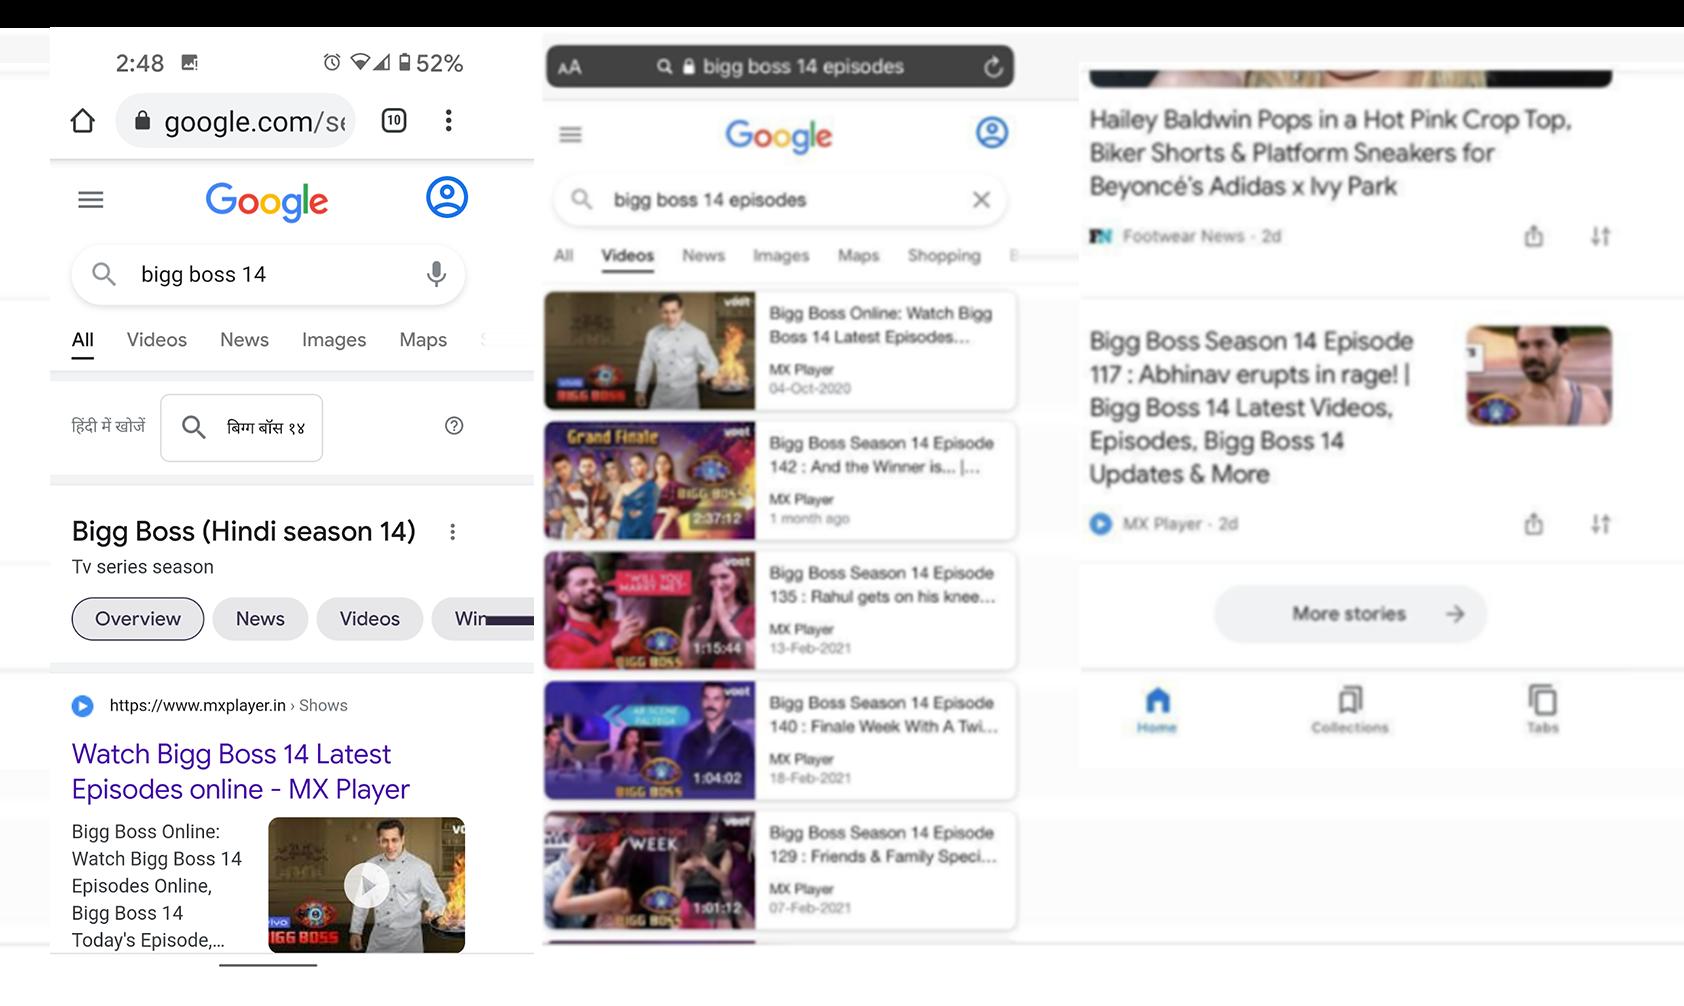 ウェブ検索、動画タブ、Discover の動画